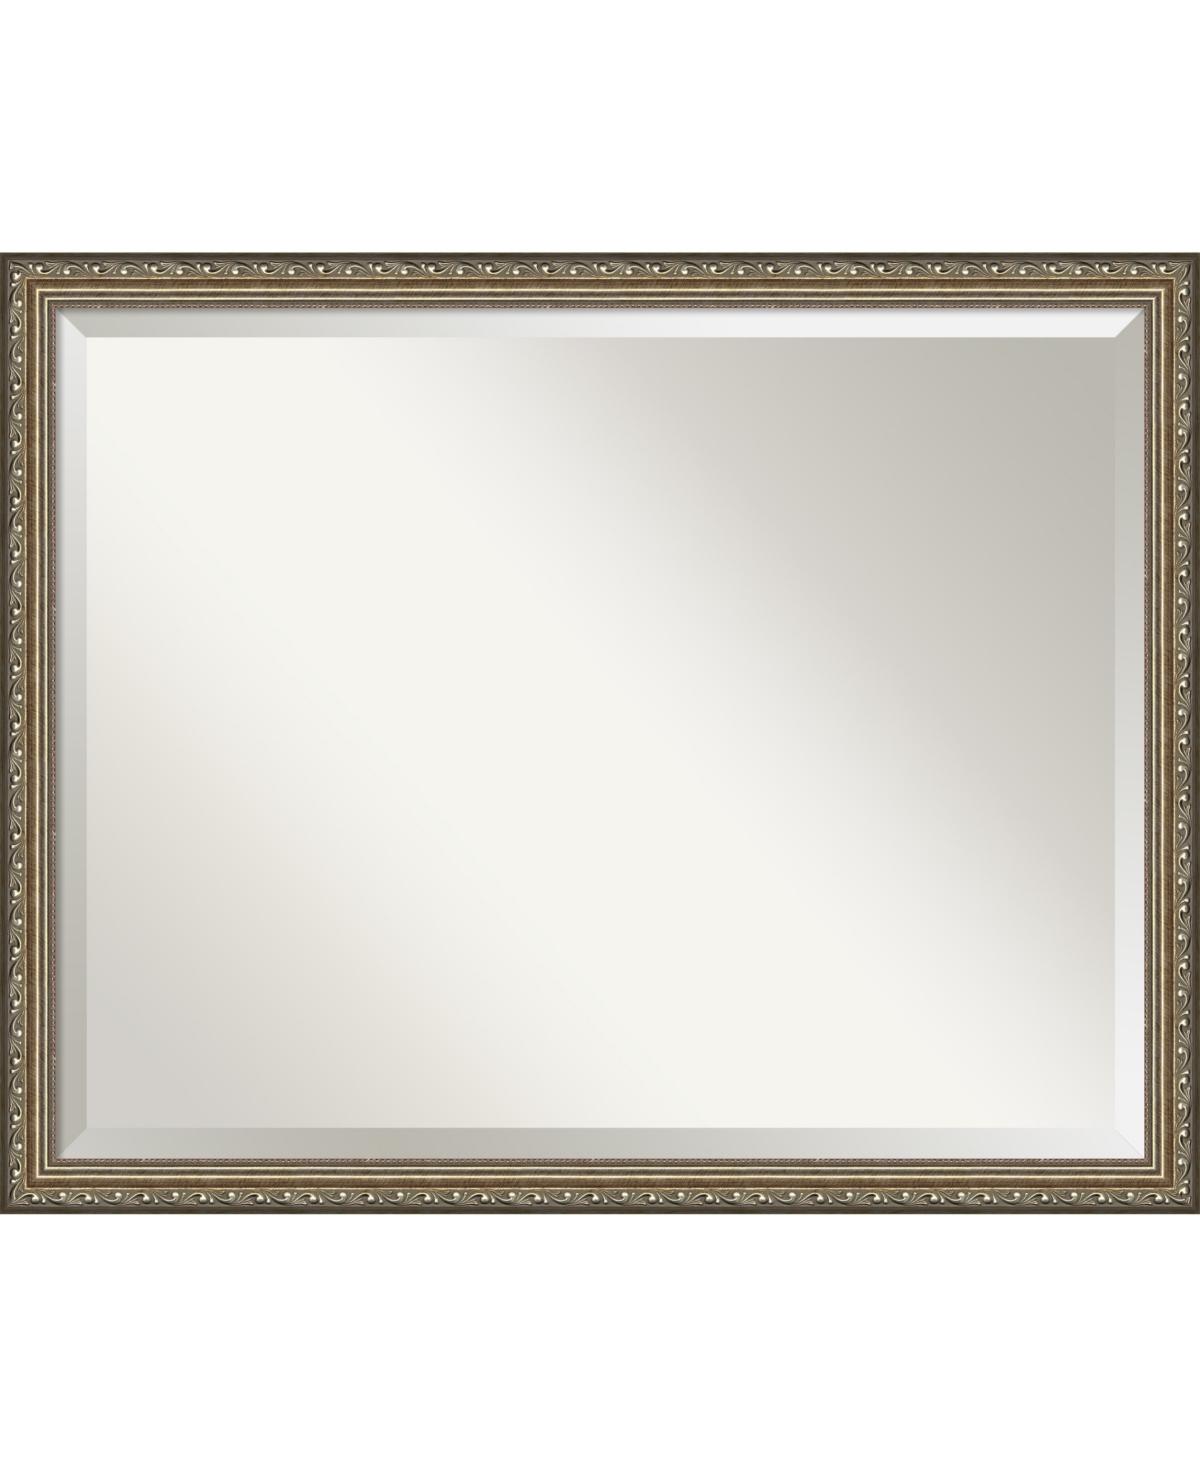 Amanti Art Parisian 30x24 Bathroom Mirror